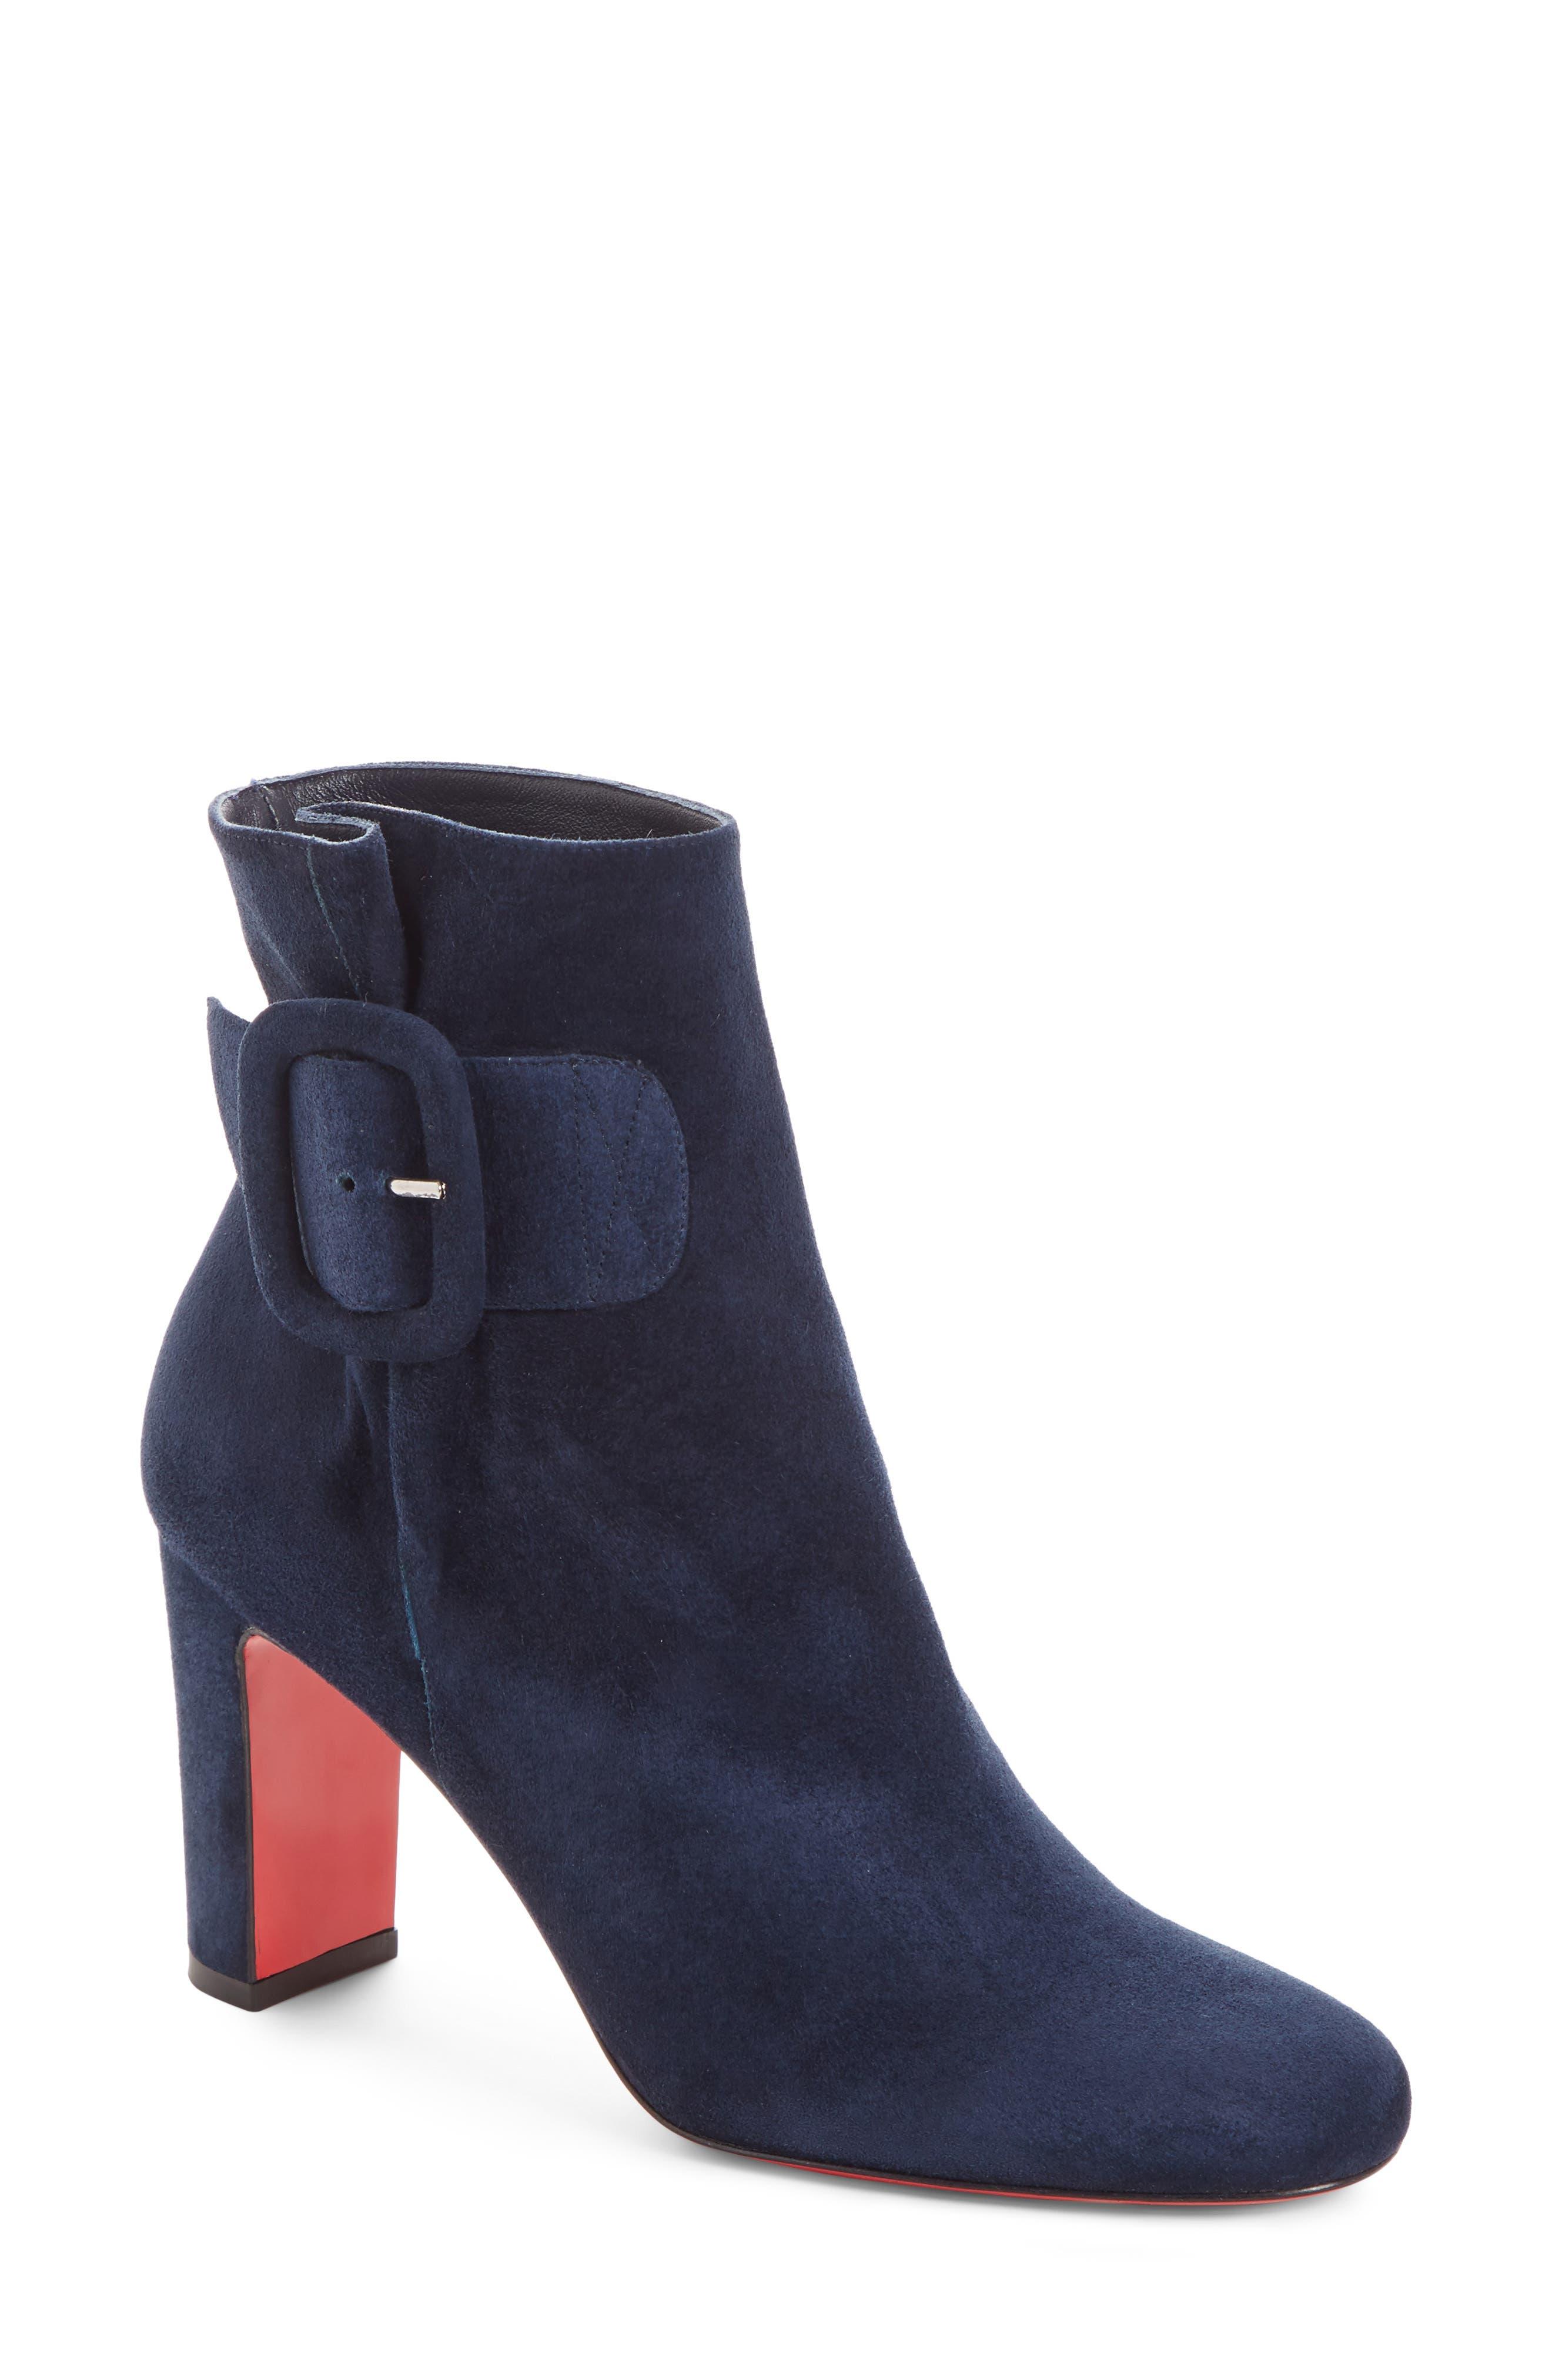 ebb9b42d1b10 Christian Louboutin Women s Booties Shoes